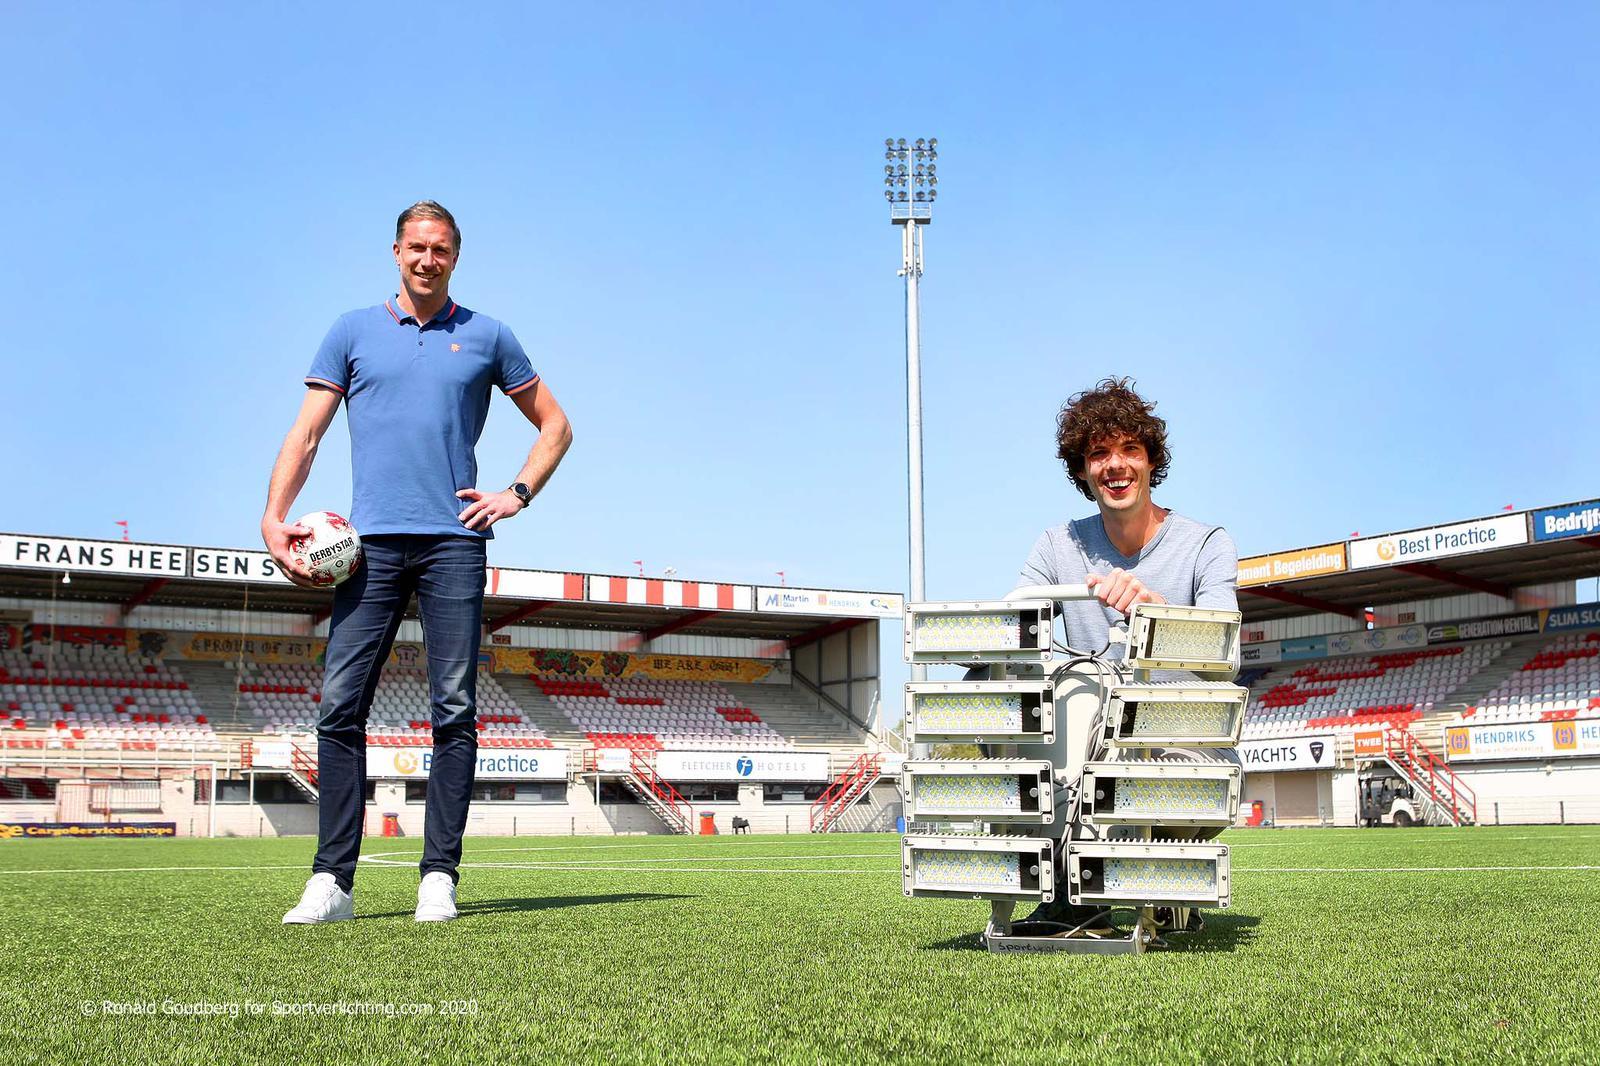 Nieuwe stadionverlichting in het Frans Heesen Stadion!